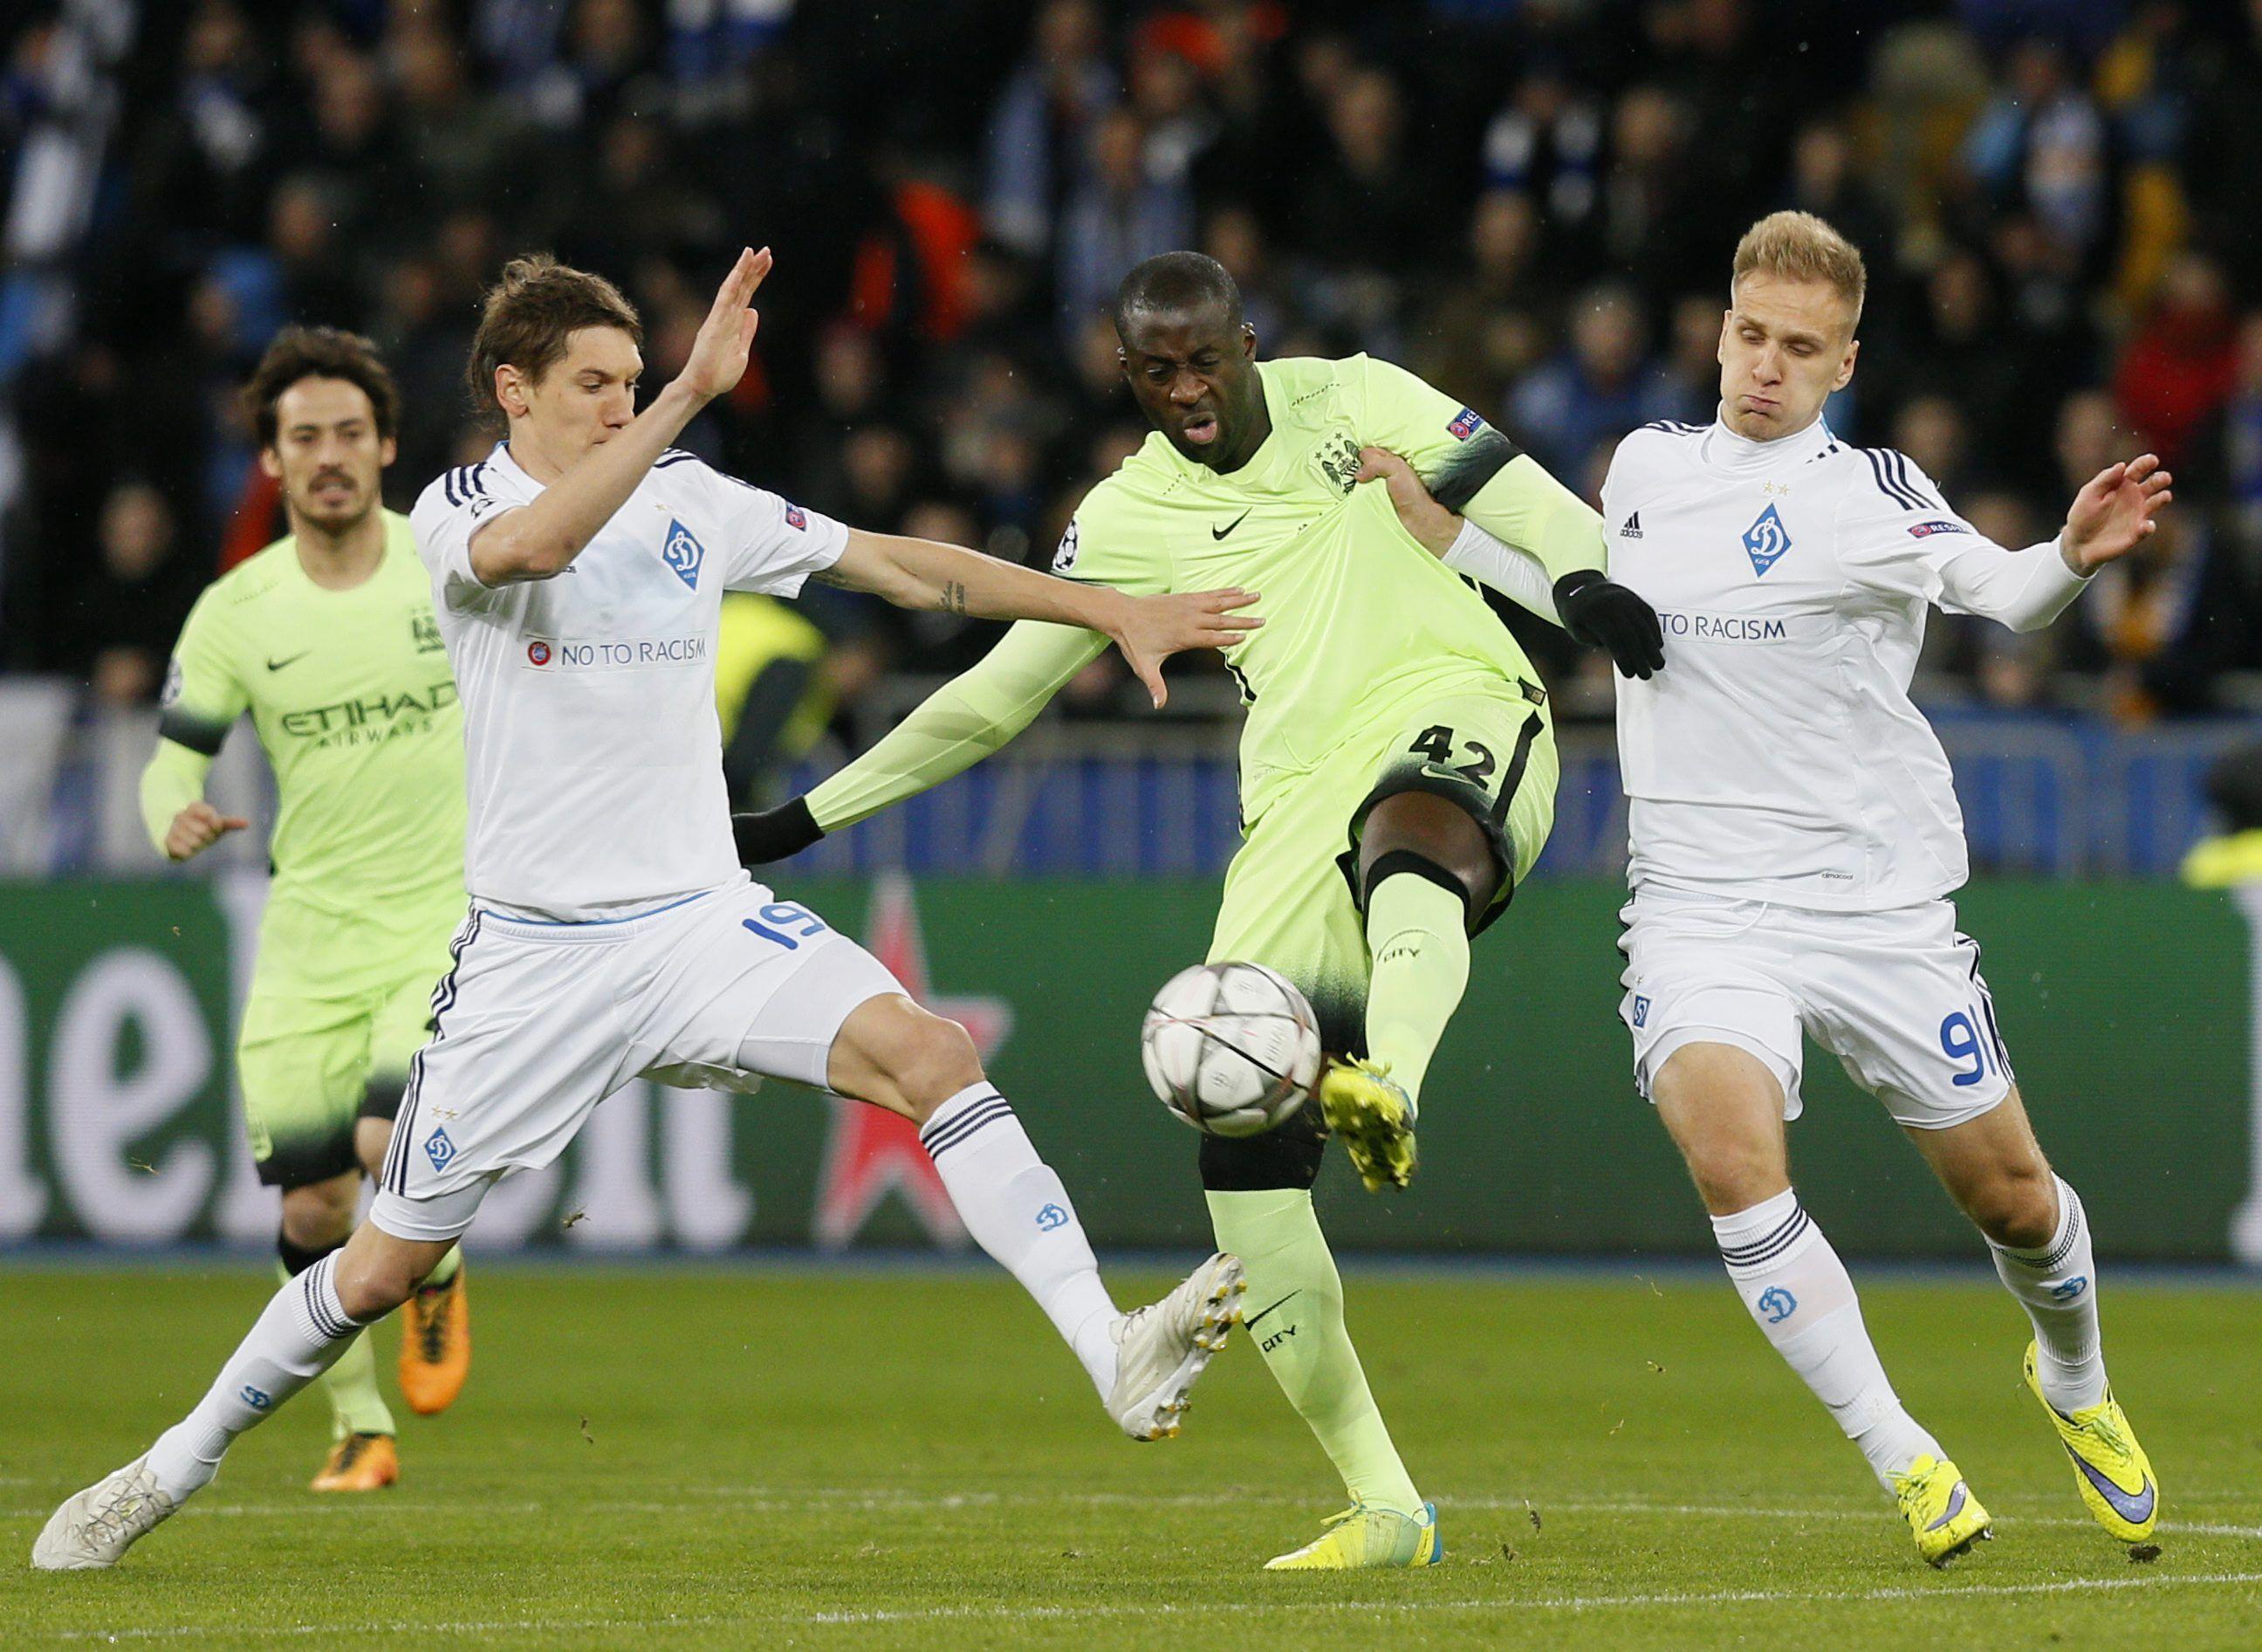 Con un gol de Agüero, el Manchester City le ganó al Dynamo en Ucrania